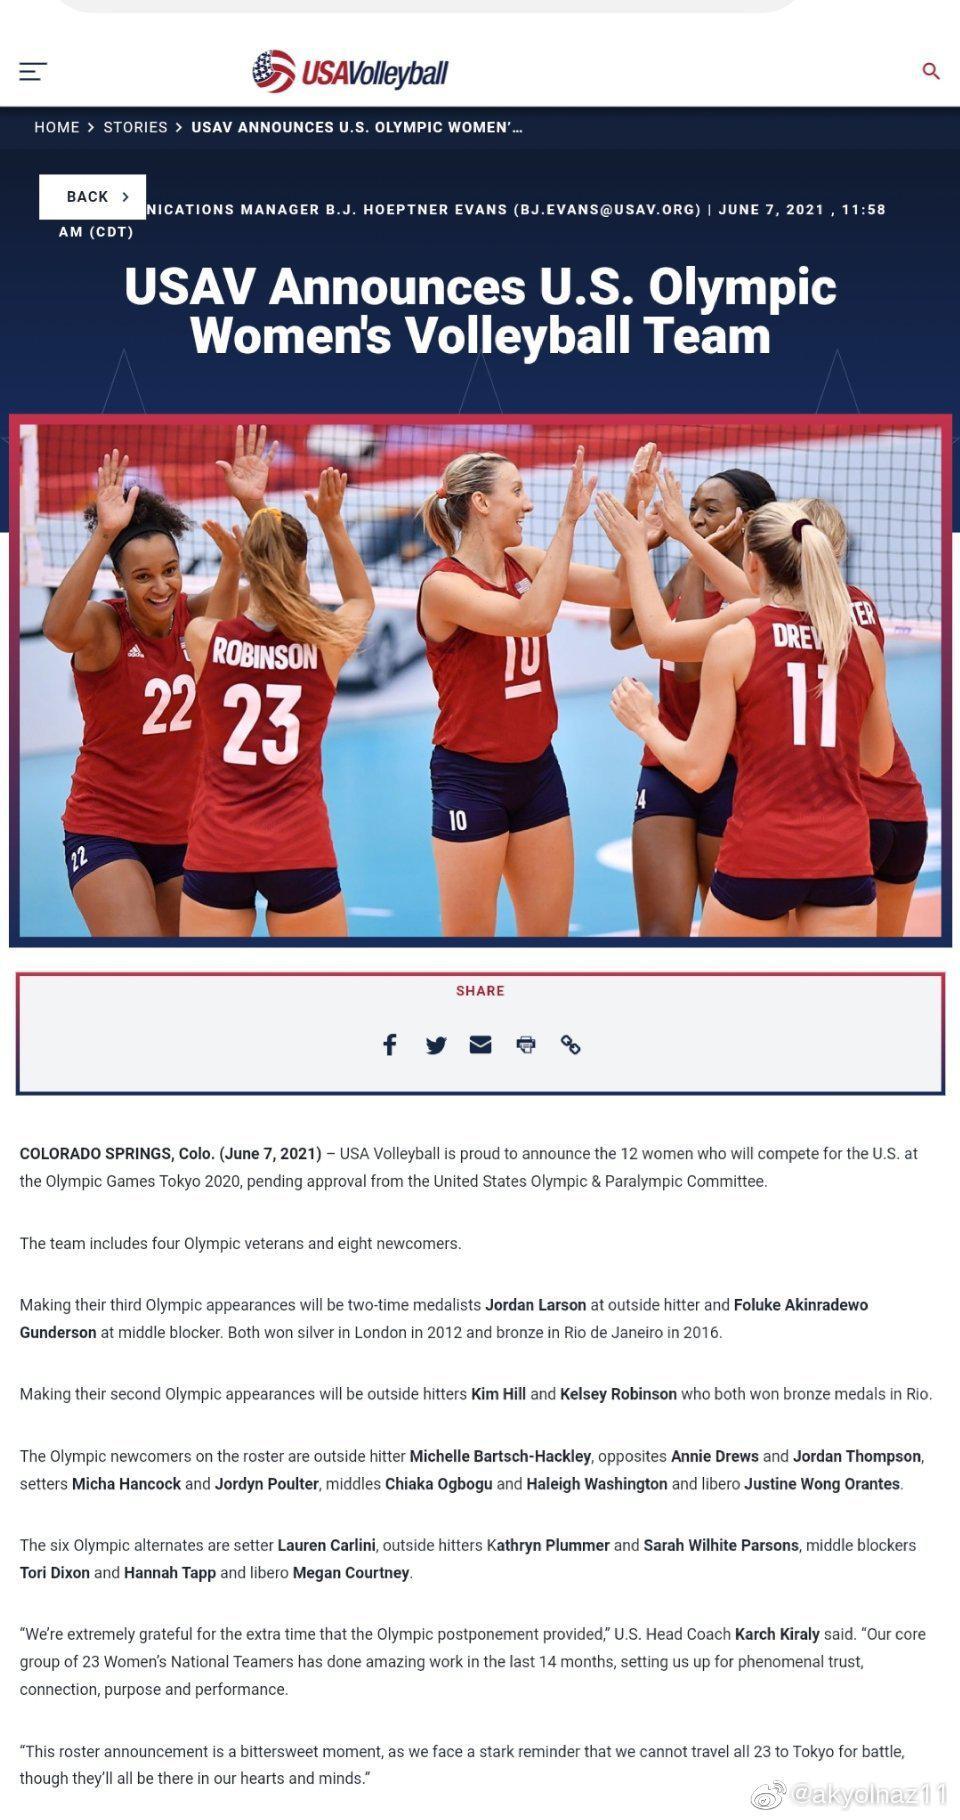 美国 排协公布 2021年东京奥运会美国 女排12人名单……